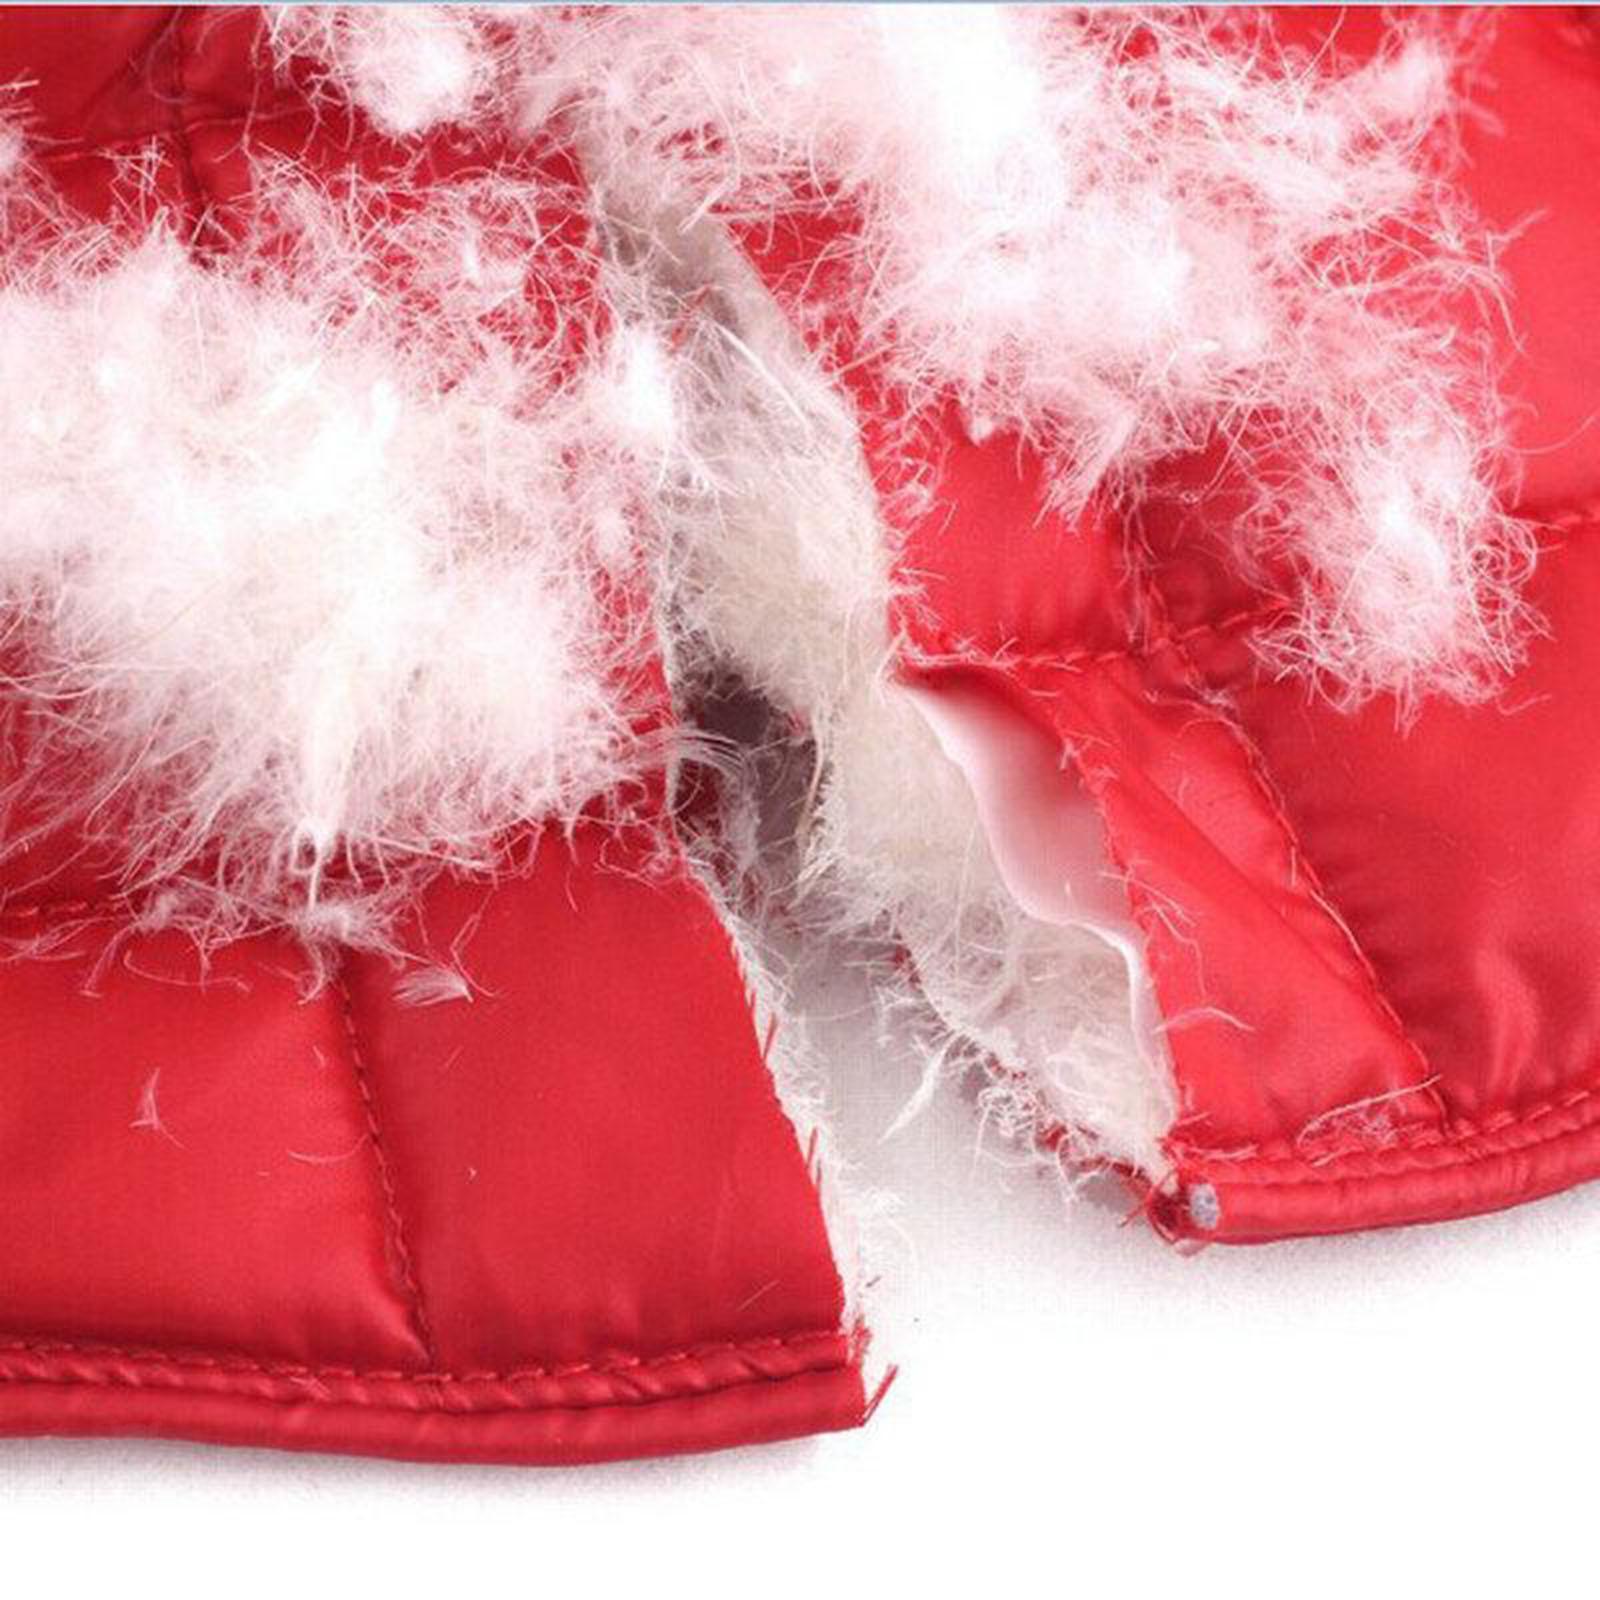 Femmes-Hommes-Down-Jacket-Chaud-Manteau-Court-Epaule-Chaud-Thermique-Wrap miniatura 6